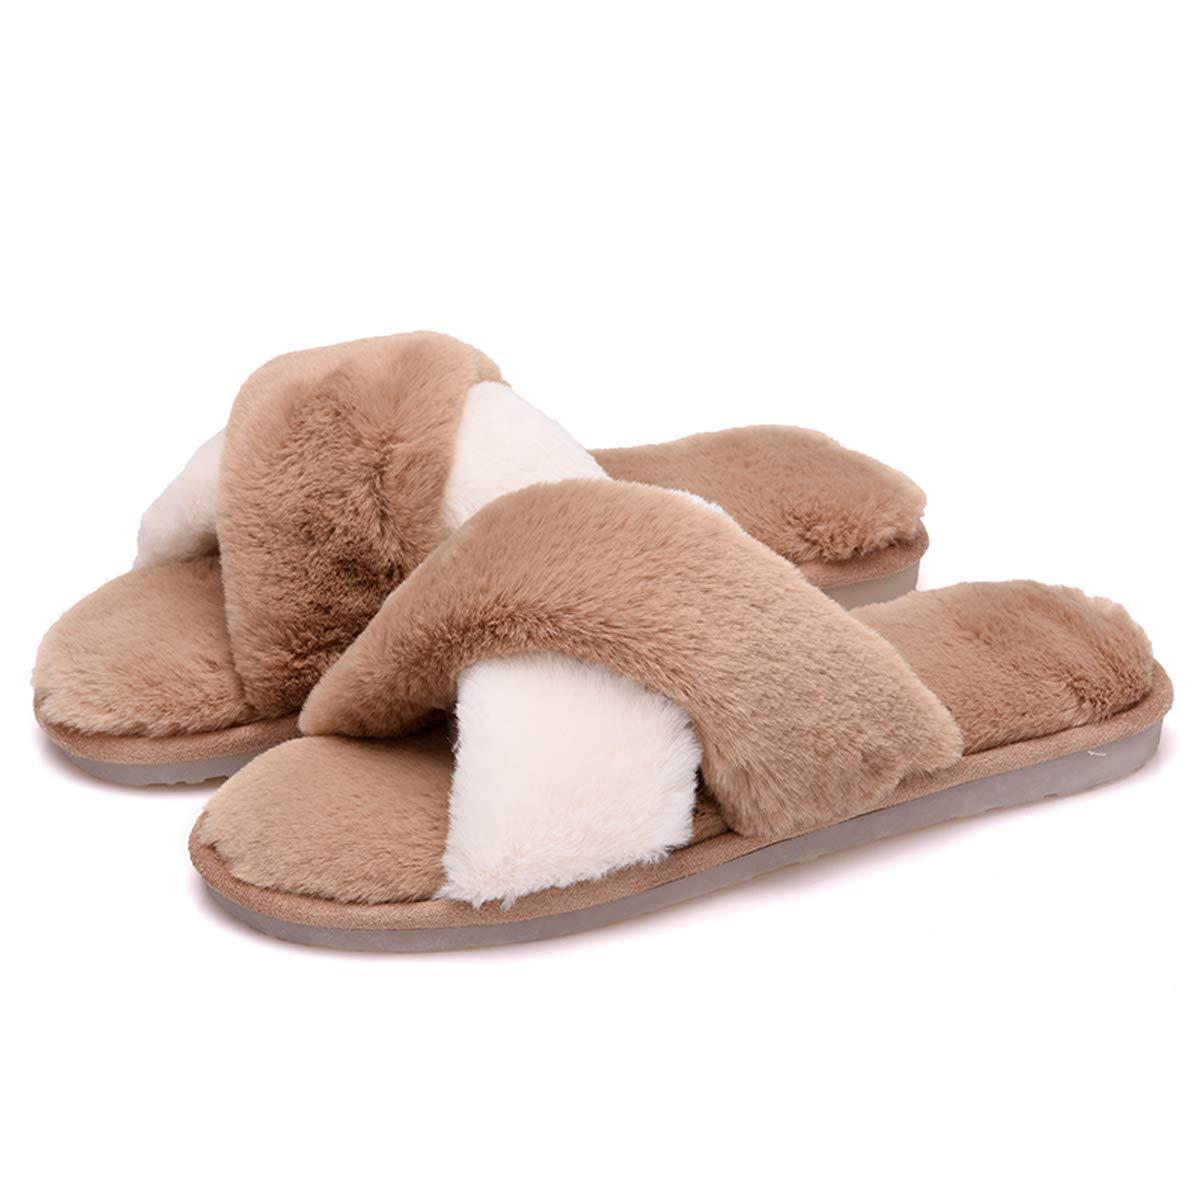 カフェ変える巨人[Meiping] ルームシューズ レディース スリッパ あったか かわいい おしゃれ キャラクター 室内 履き 冬 ふわふわ もこもこ 柔らか 防寒 保温 軽量 洗える